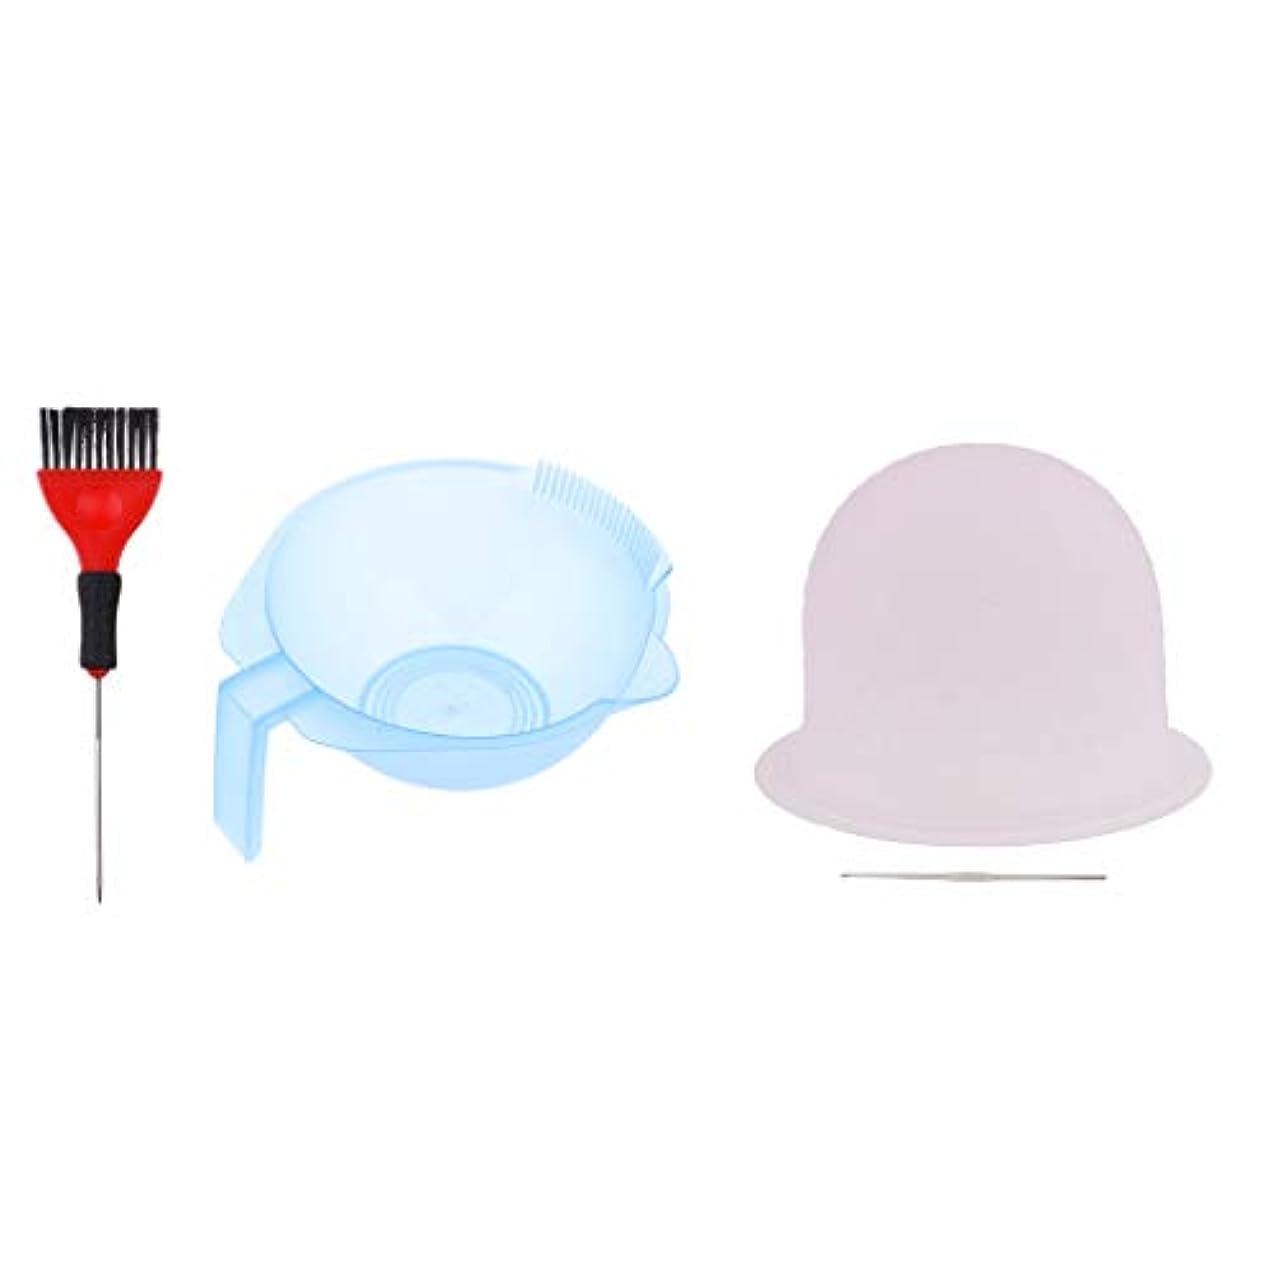 関与する用量周囲T TOOYFUL ヘアカラー ヘア染め ヘアダイ ブラシ ヘアカラーブラシ ヘア染めカップ 毛染めツール